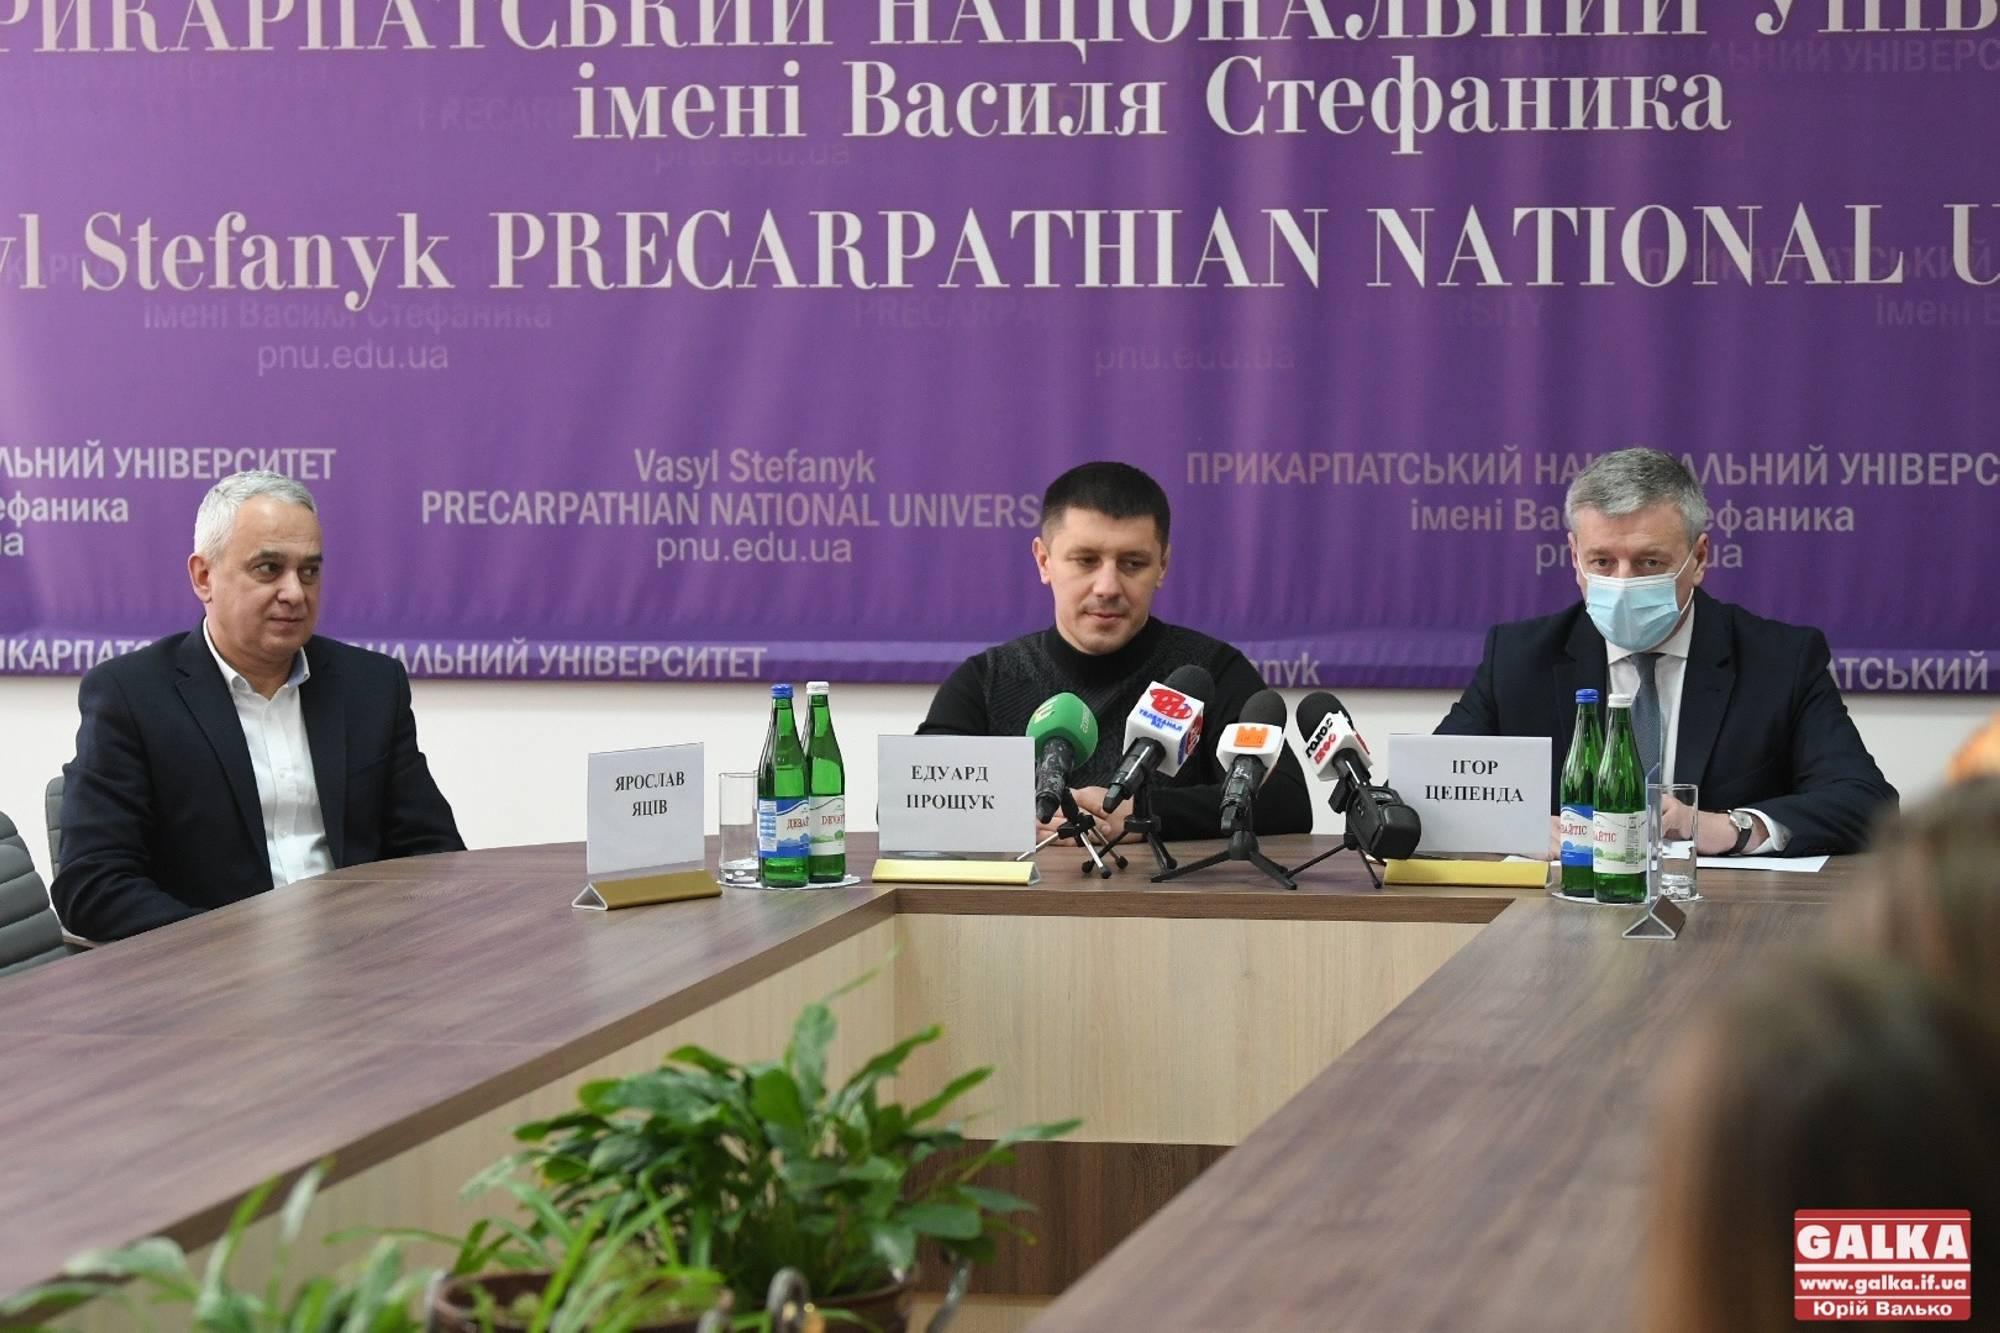 Три «золота», два «срібла» та «бронза»: найвдаліший виступ прикарпатських борців на дорослому Чемпіонаті України (ФОТО)